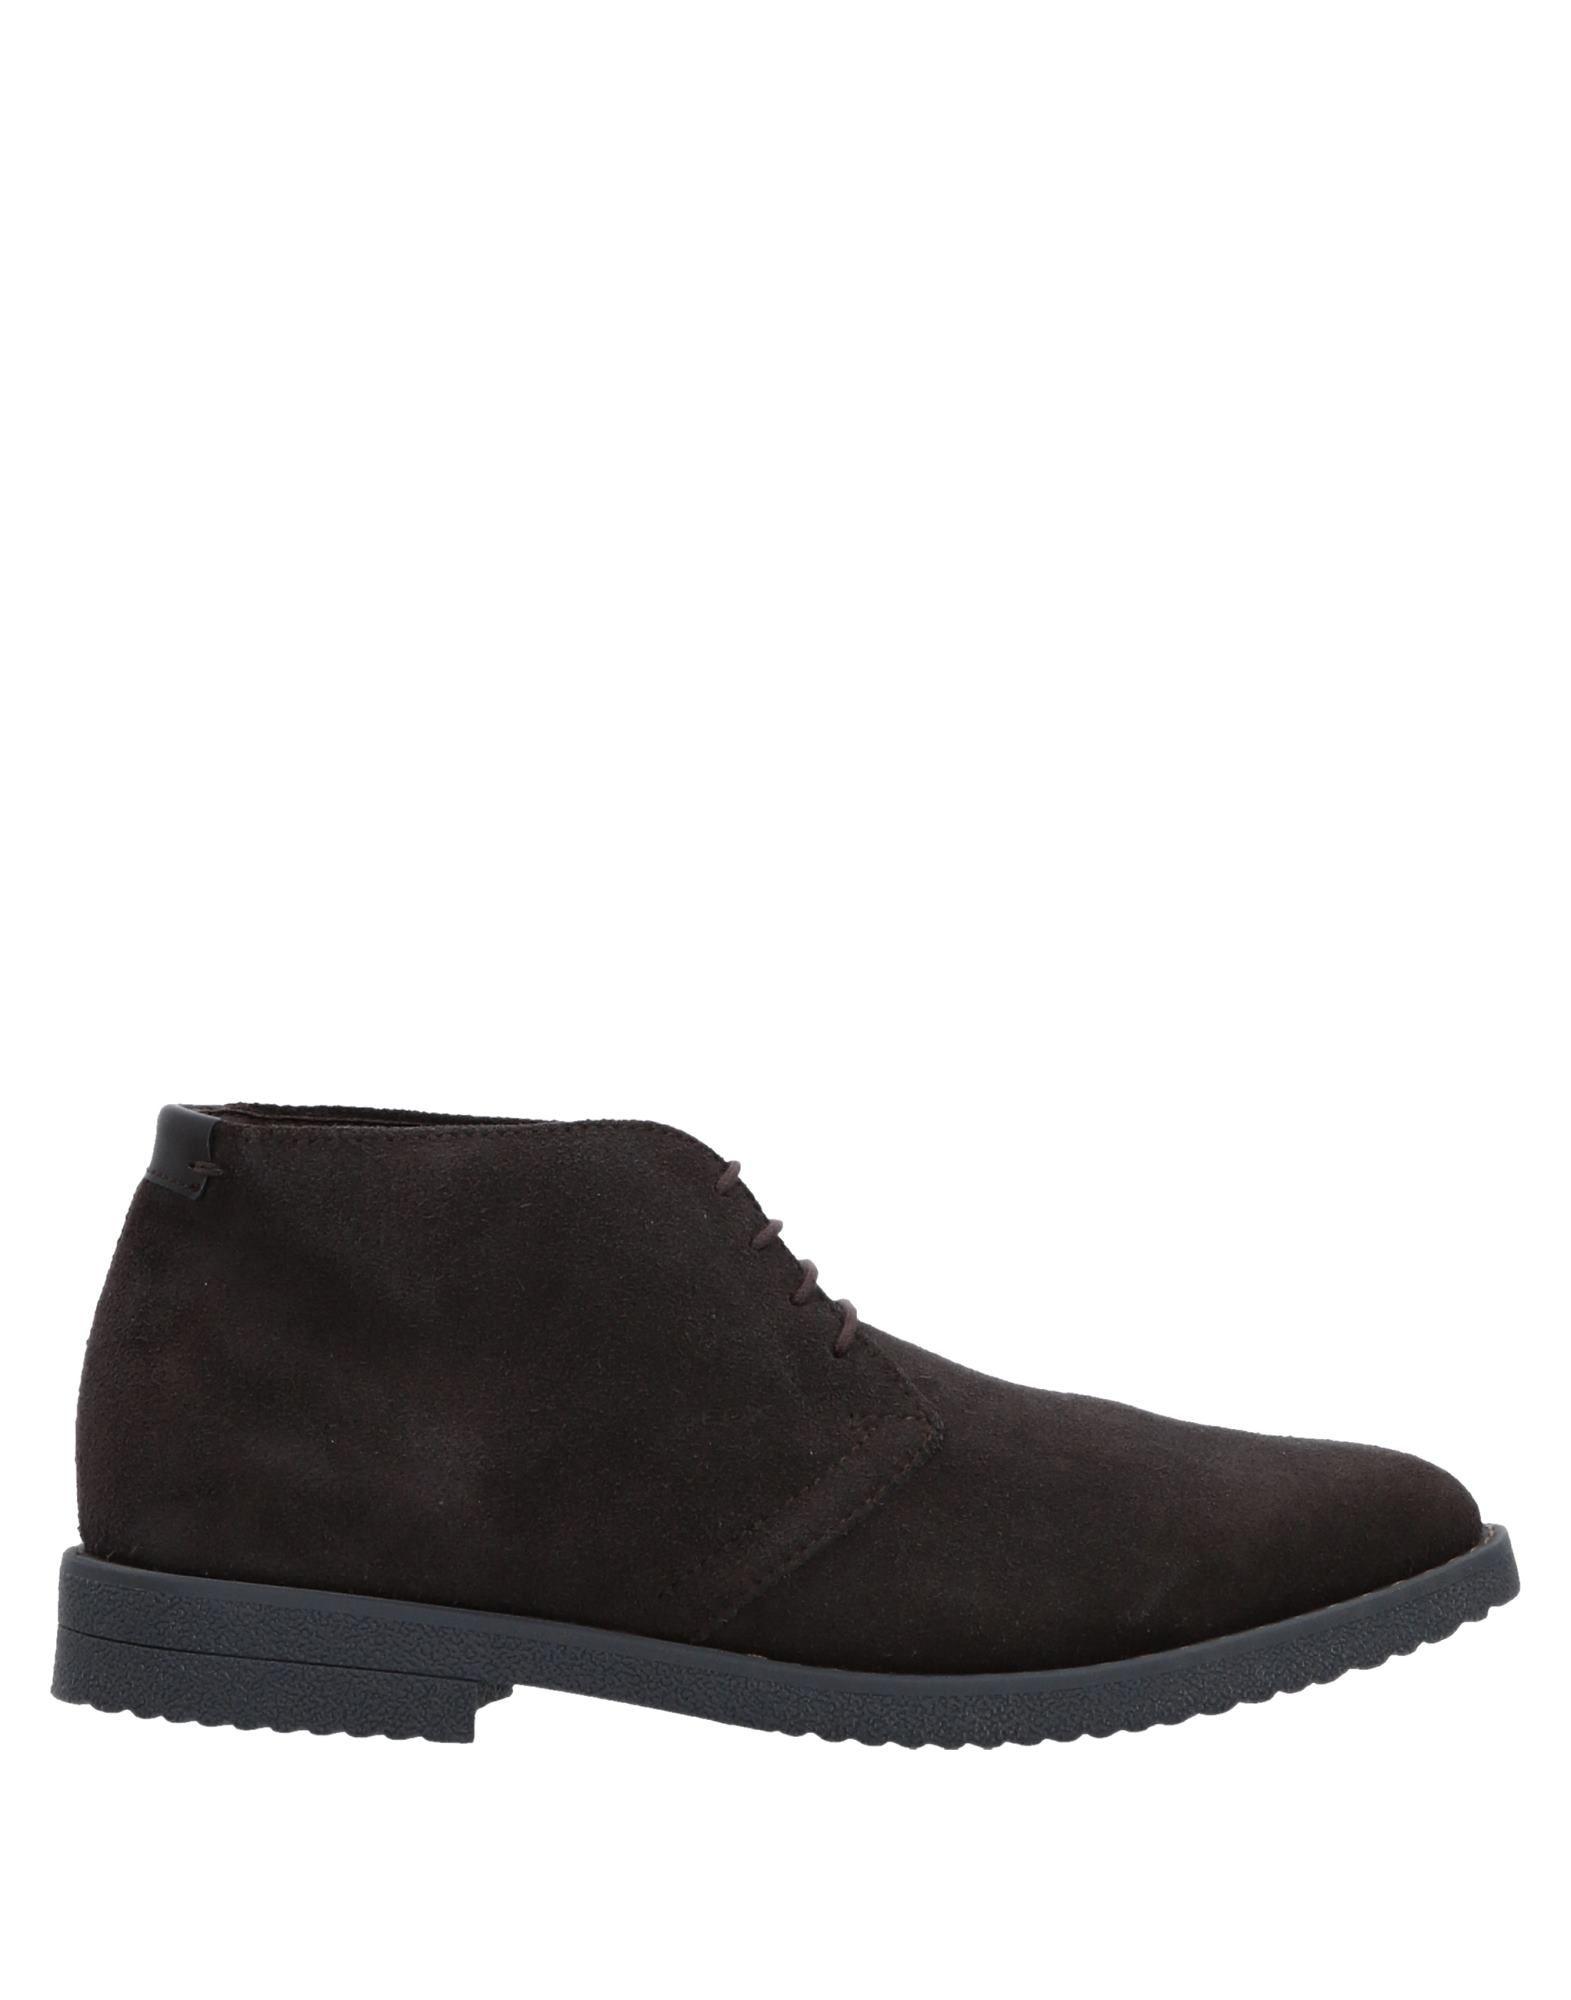 Haltbare Mode billige Schuhe Geox Stiefelette Herren  11540033TB Heiße Schuhe